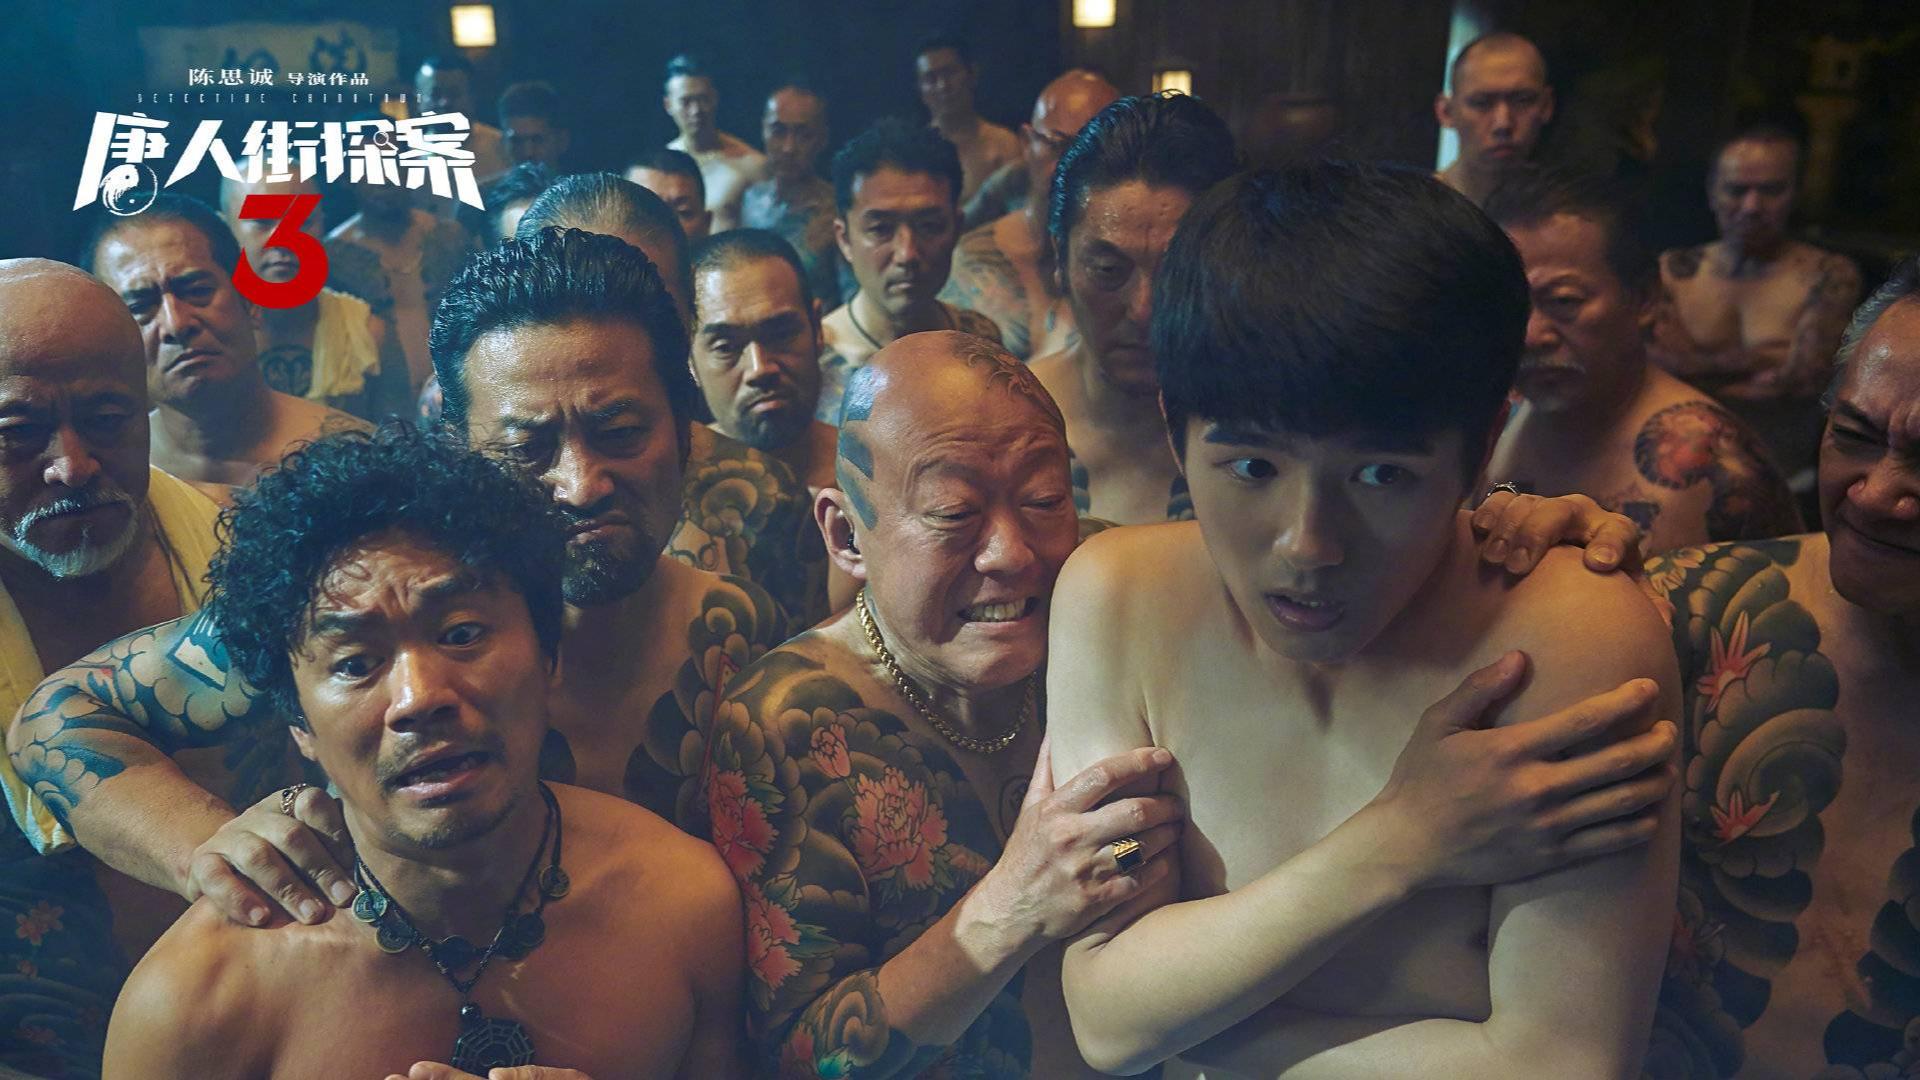 《唐人街探案3》终极预告,唐探宇宙最强集结!